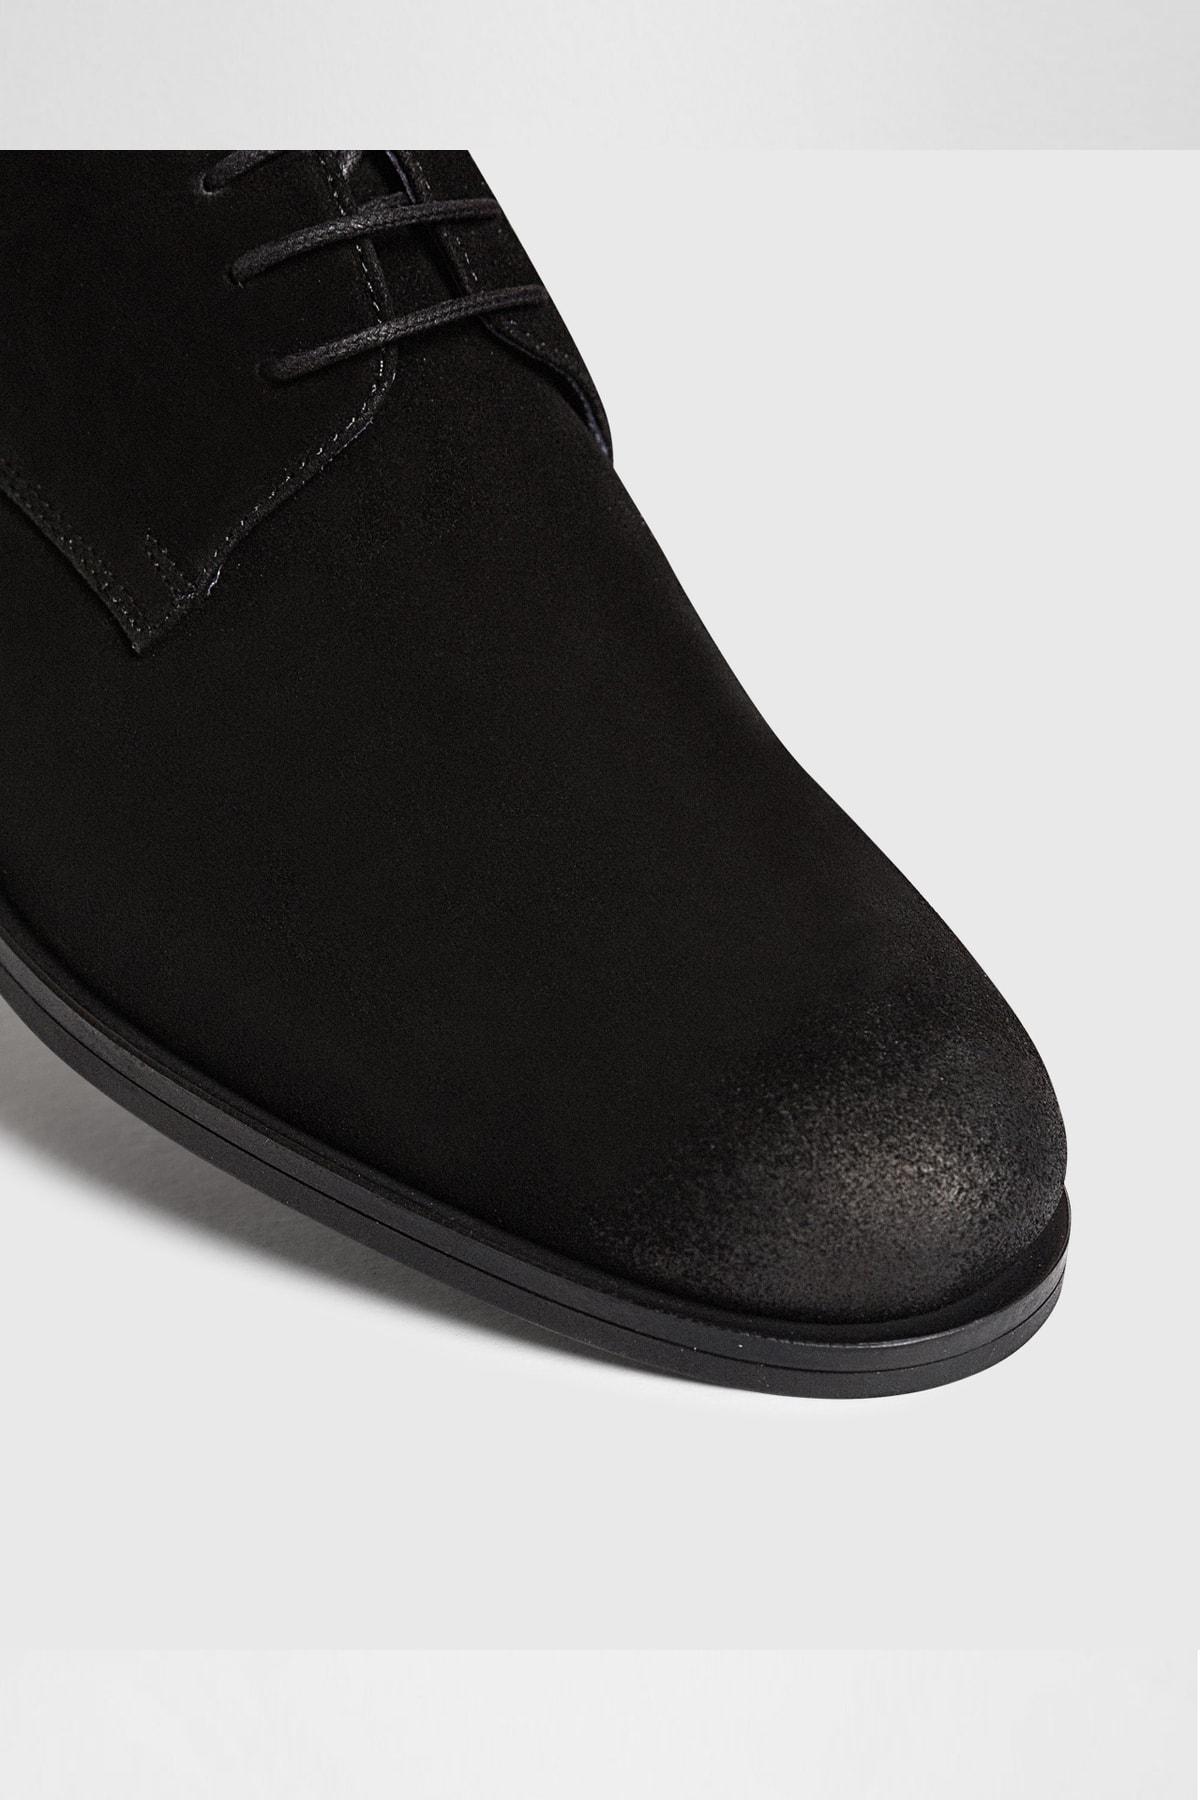 Aldo Erkek Siyah Oxford Ayakkabı